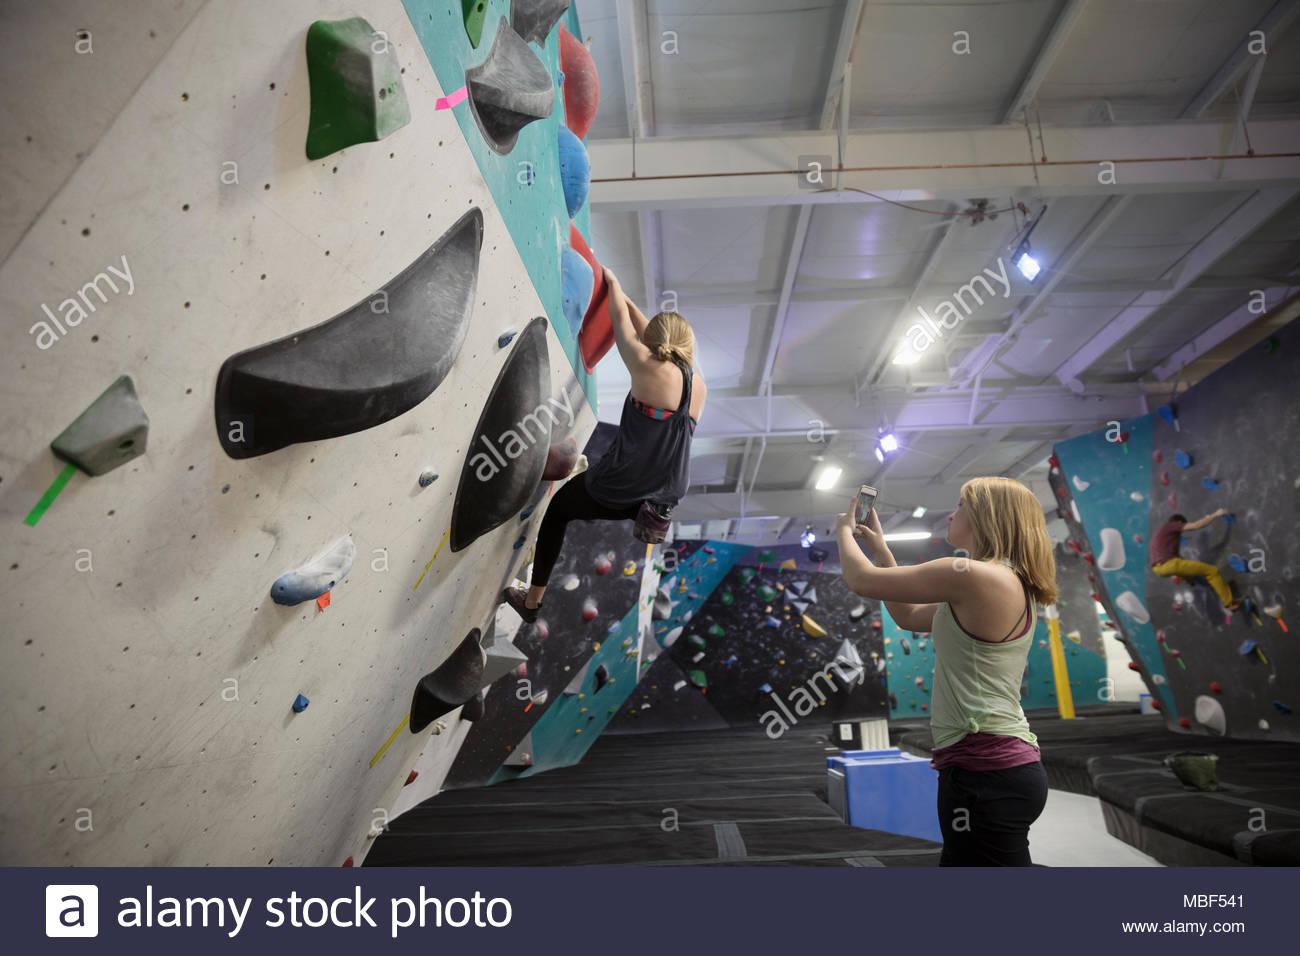 Female rock climber with camera phone filmer partner mur d'escalade à l'escalade Photo Stock